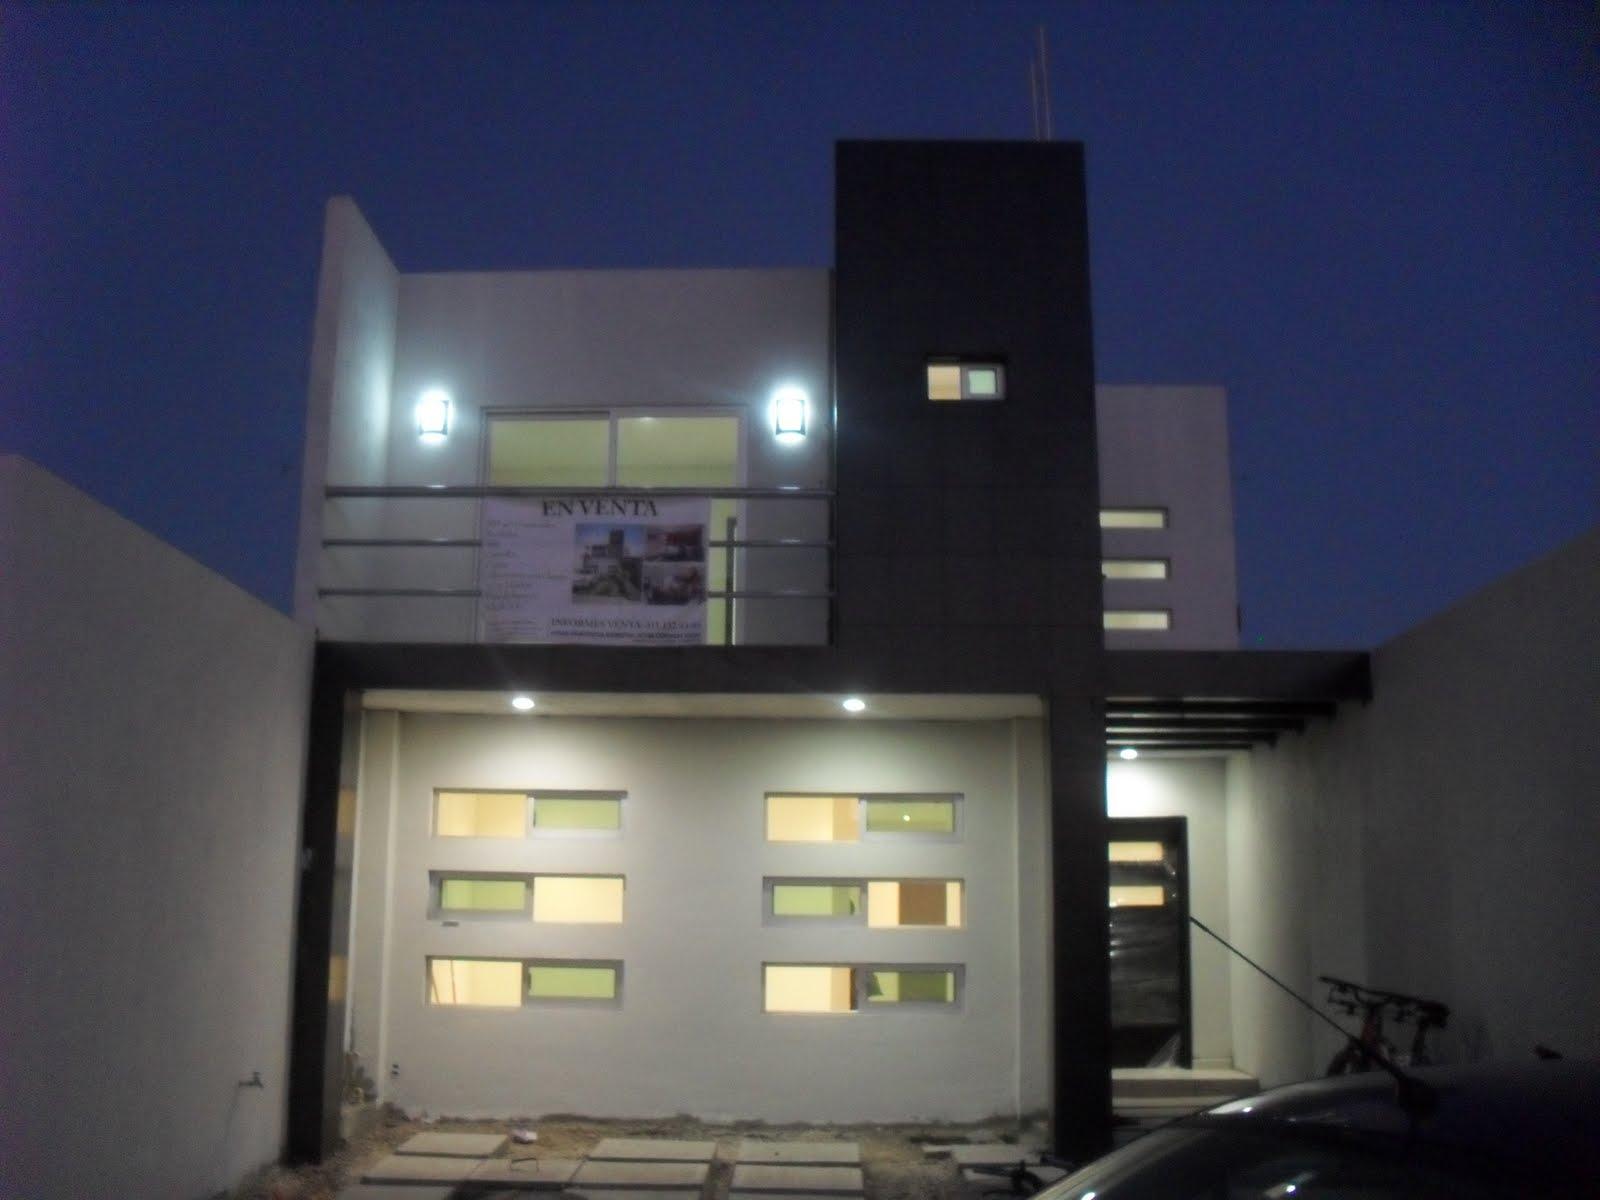 Proyectos arquitectonicos y dise o 3 d - Casas de diseno minimalista ...